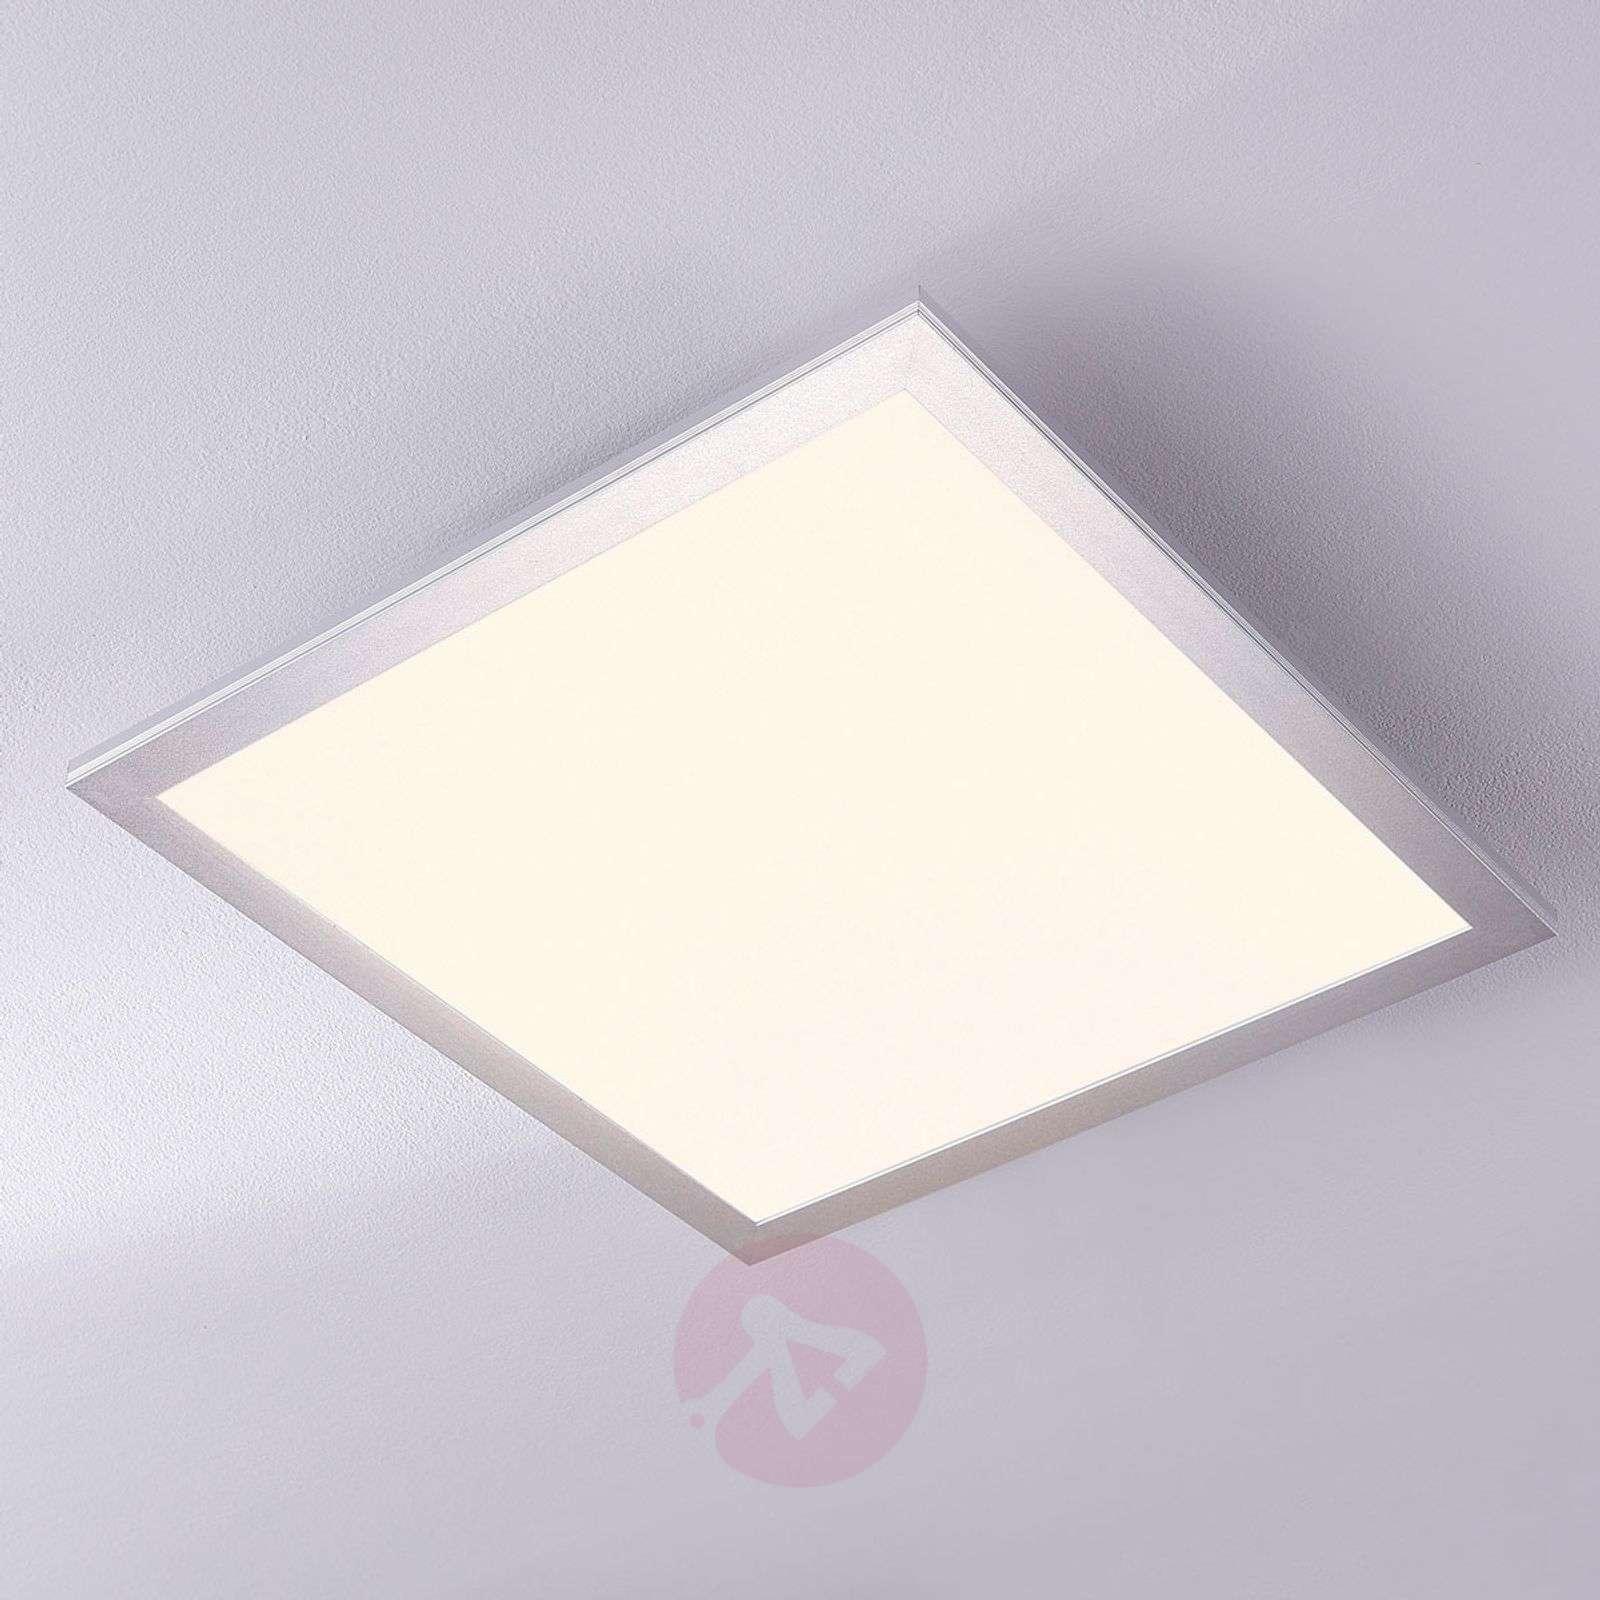 Neliskulmainen LED-kattovalaisin Liv, 28W-9956001-01